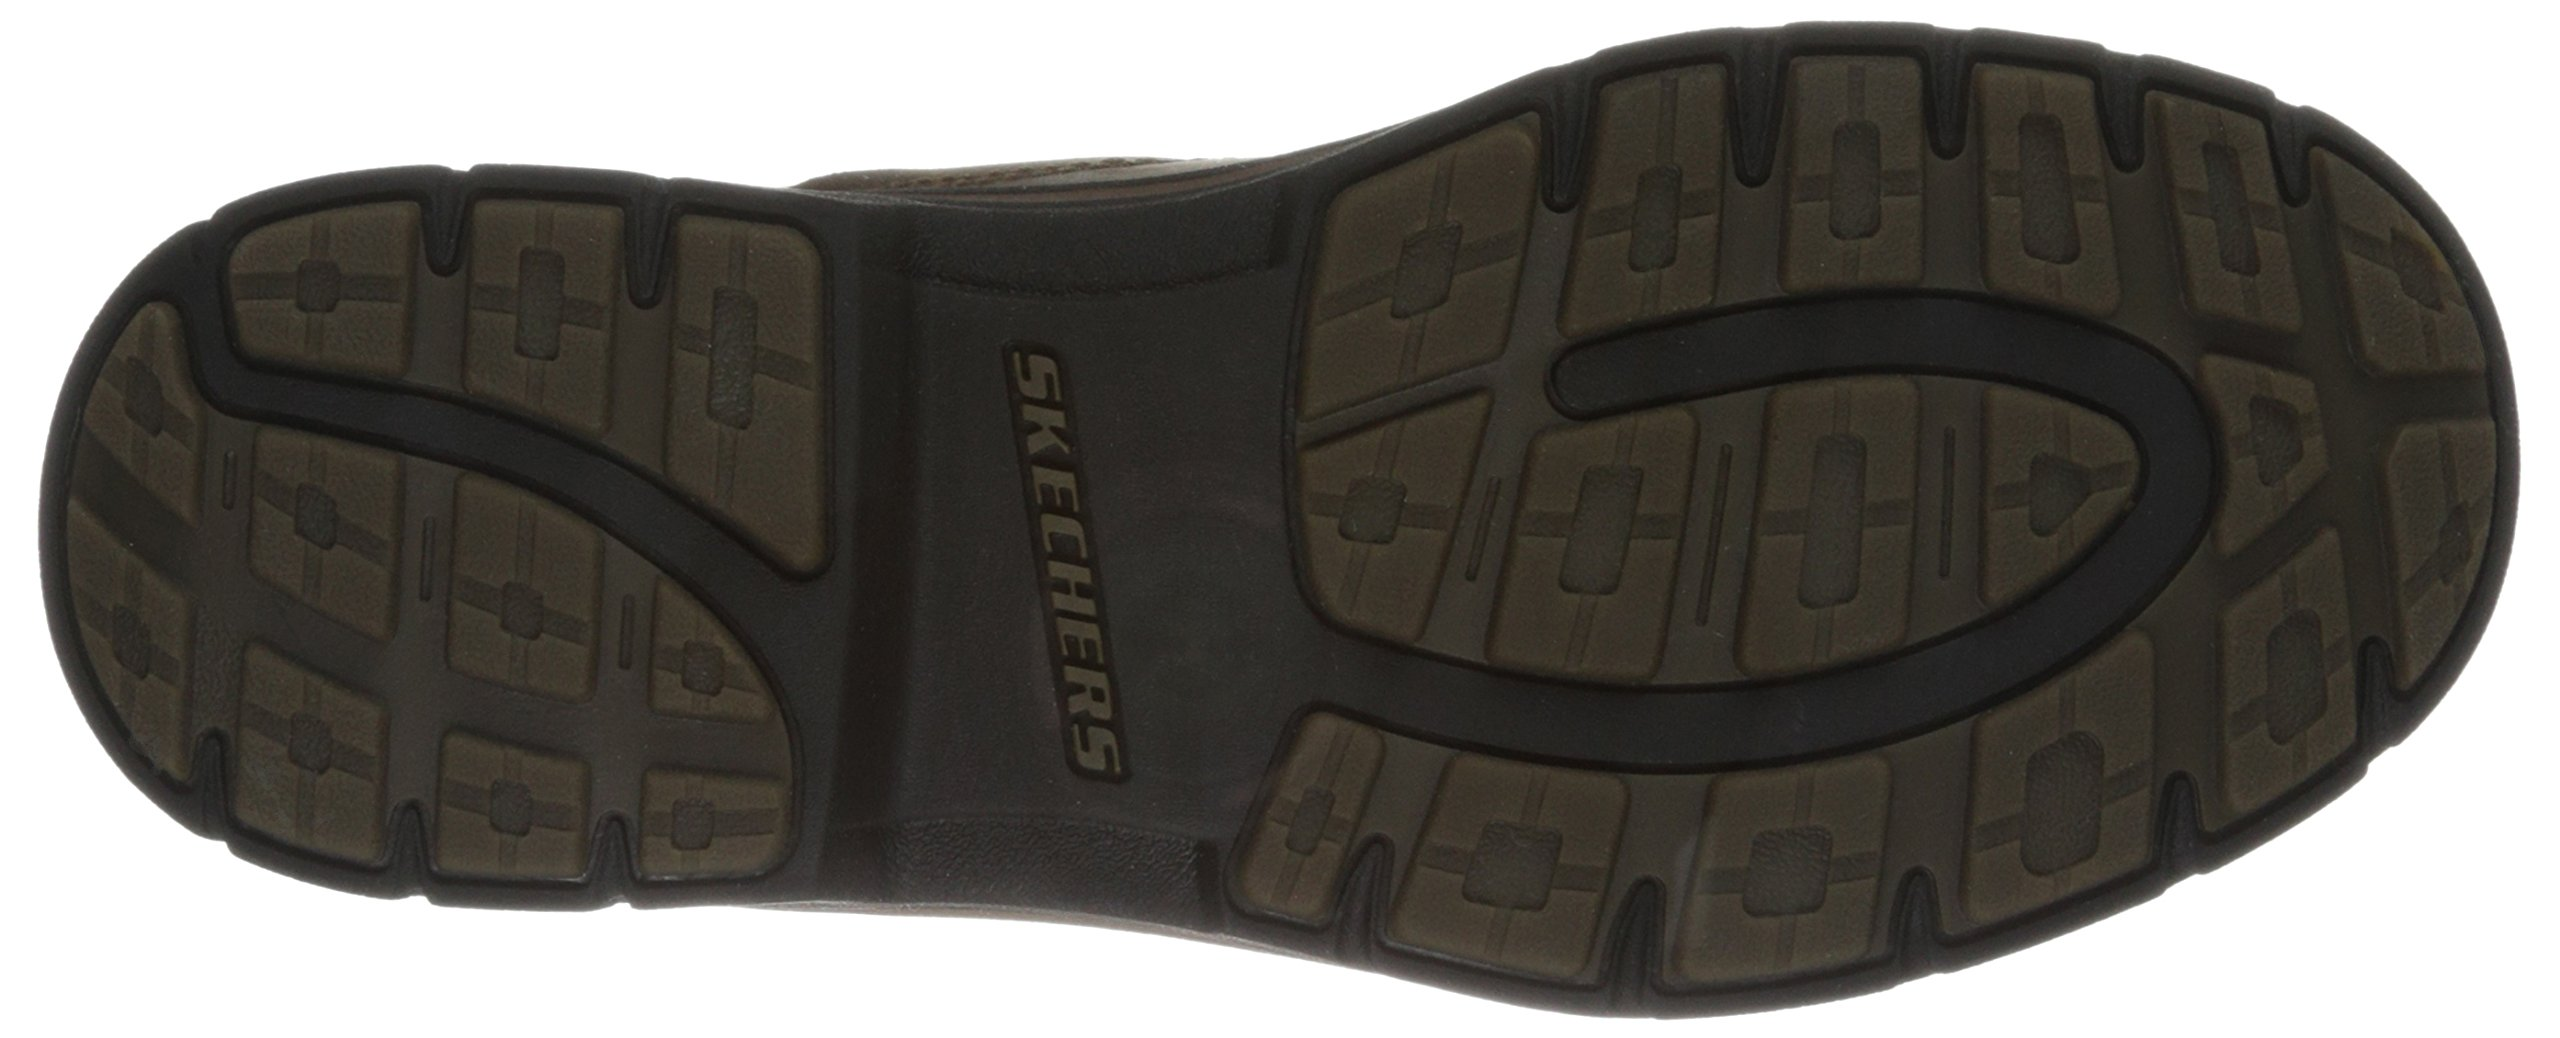 Skechers Men's Relaxed Fit Segment – Dorton Boot